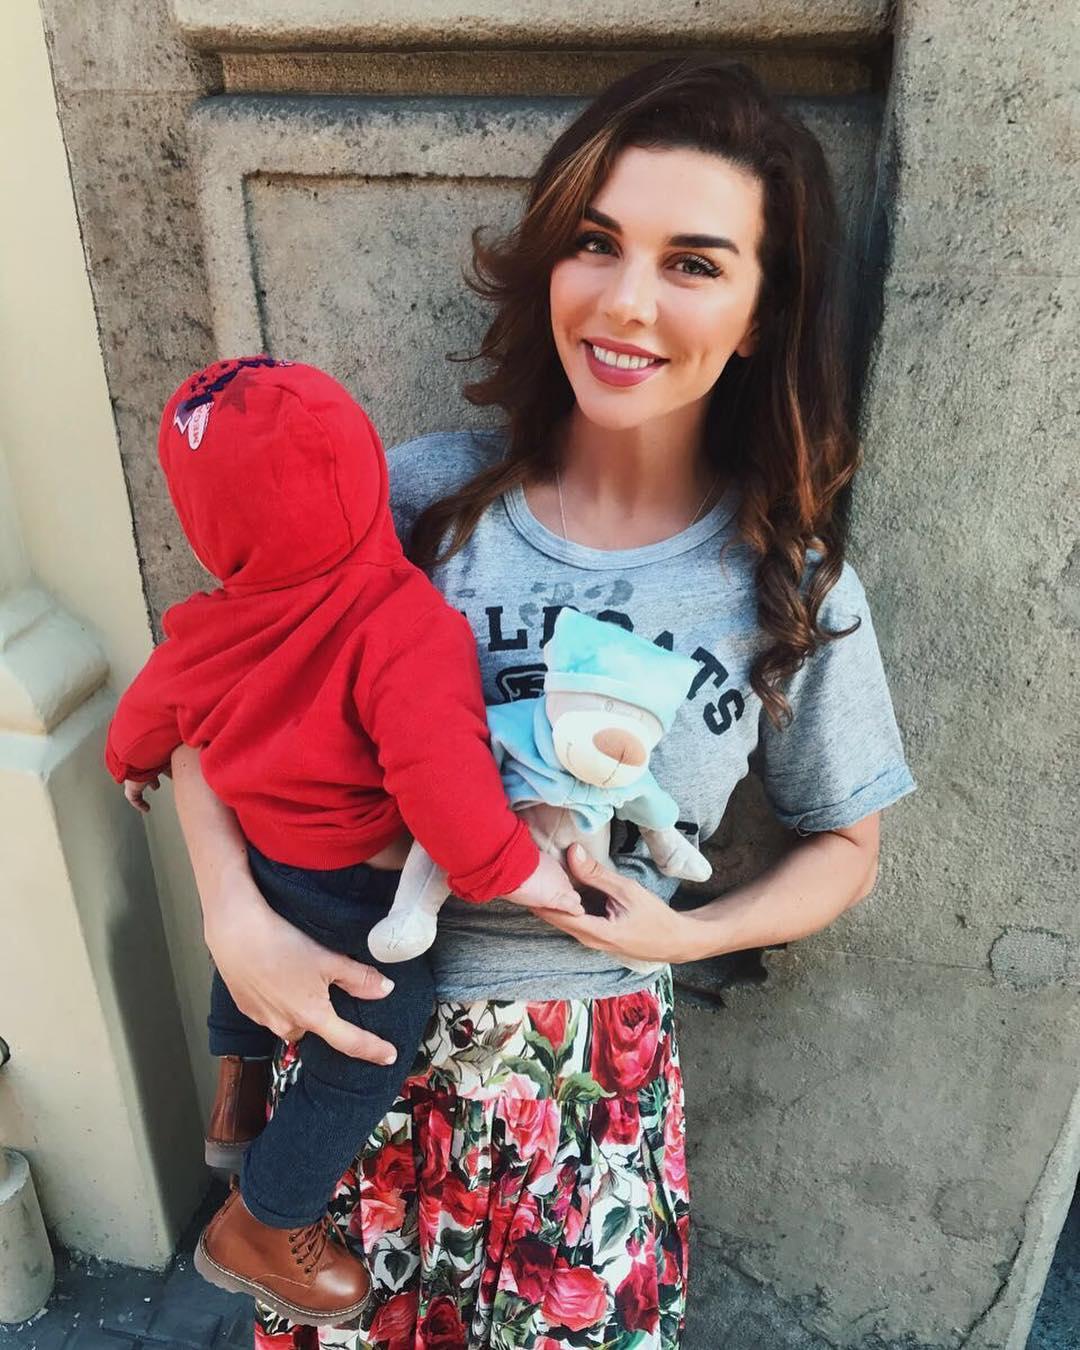 Анна Седокова впервый раз показала 7-месячного сына